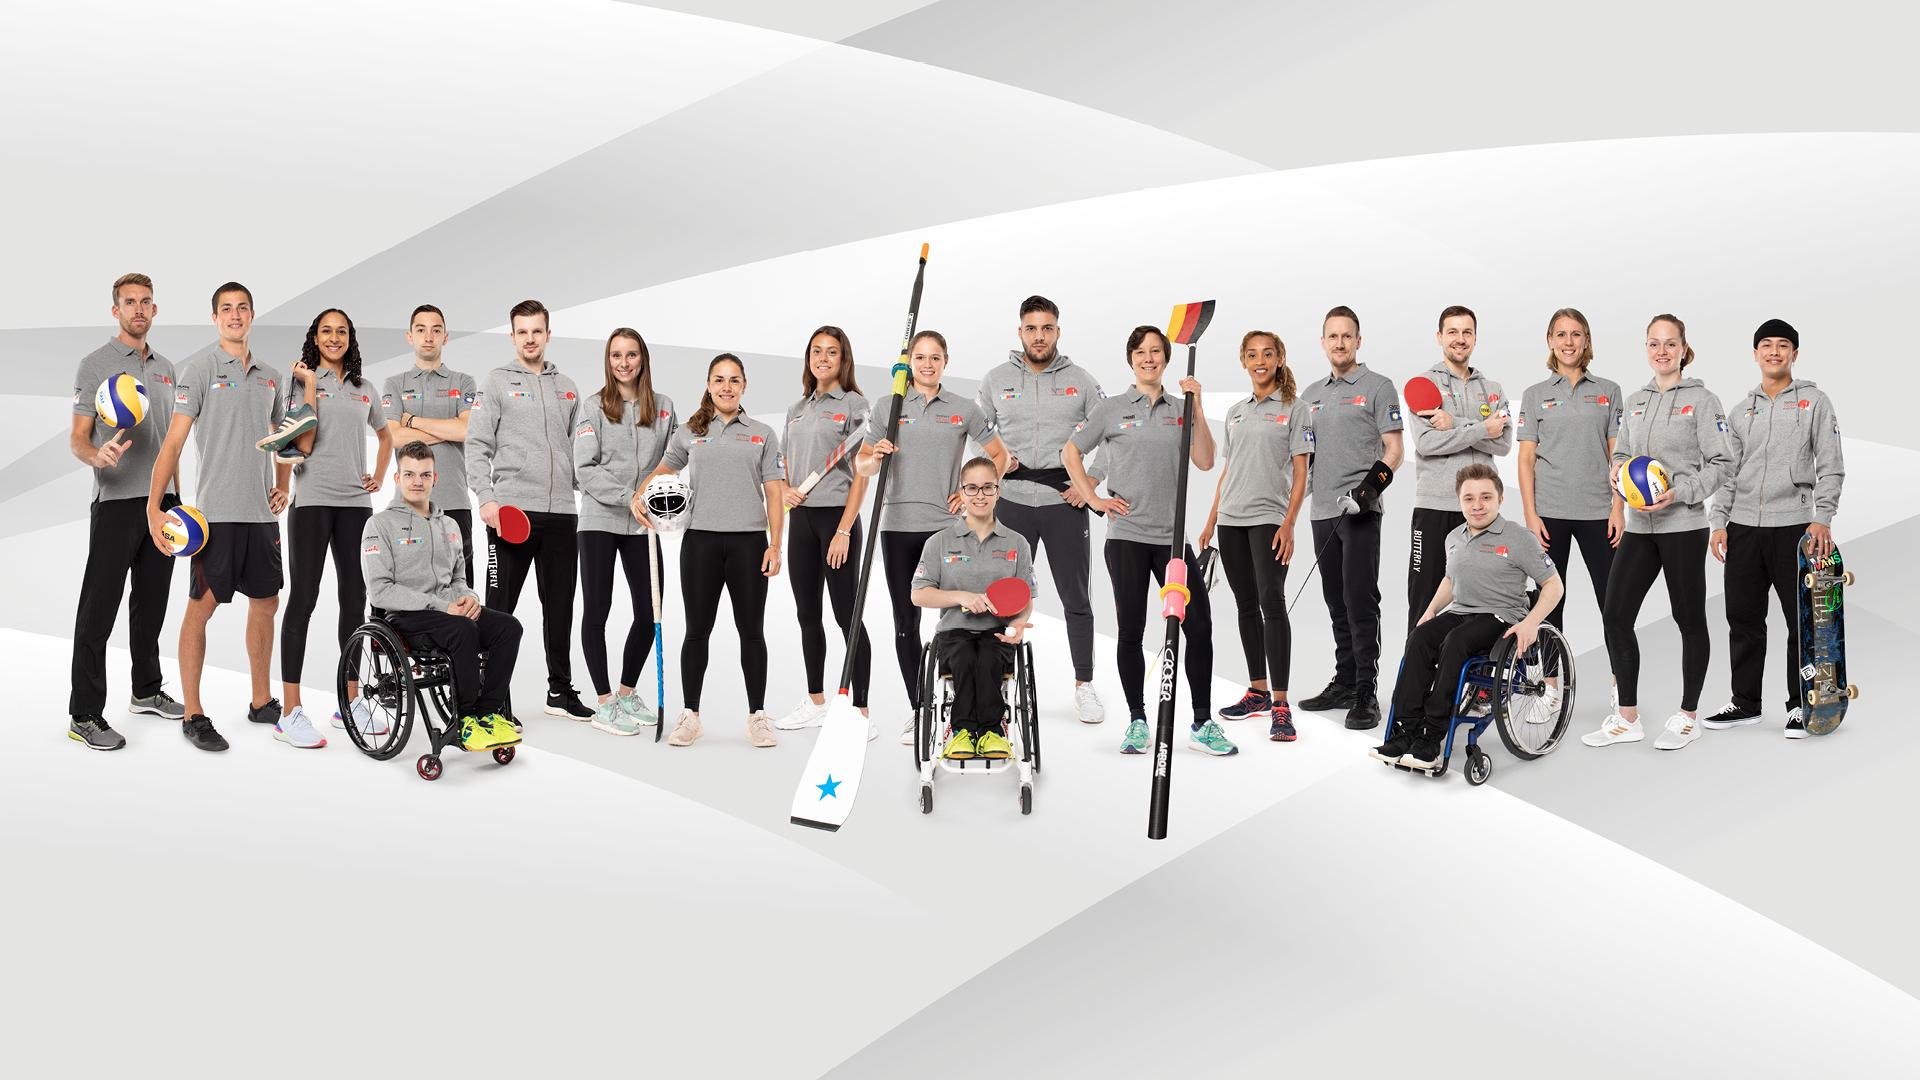 So stehen die Olympia-Chancen für die Athletinnen und Athleten des Stockheim Team Düsseldorf